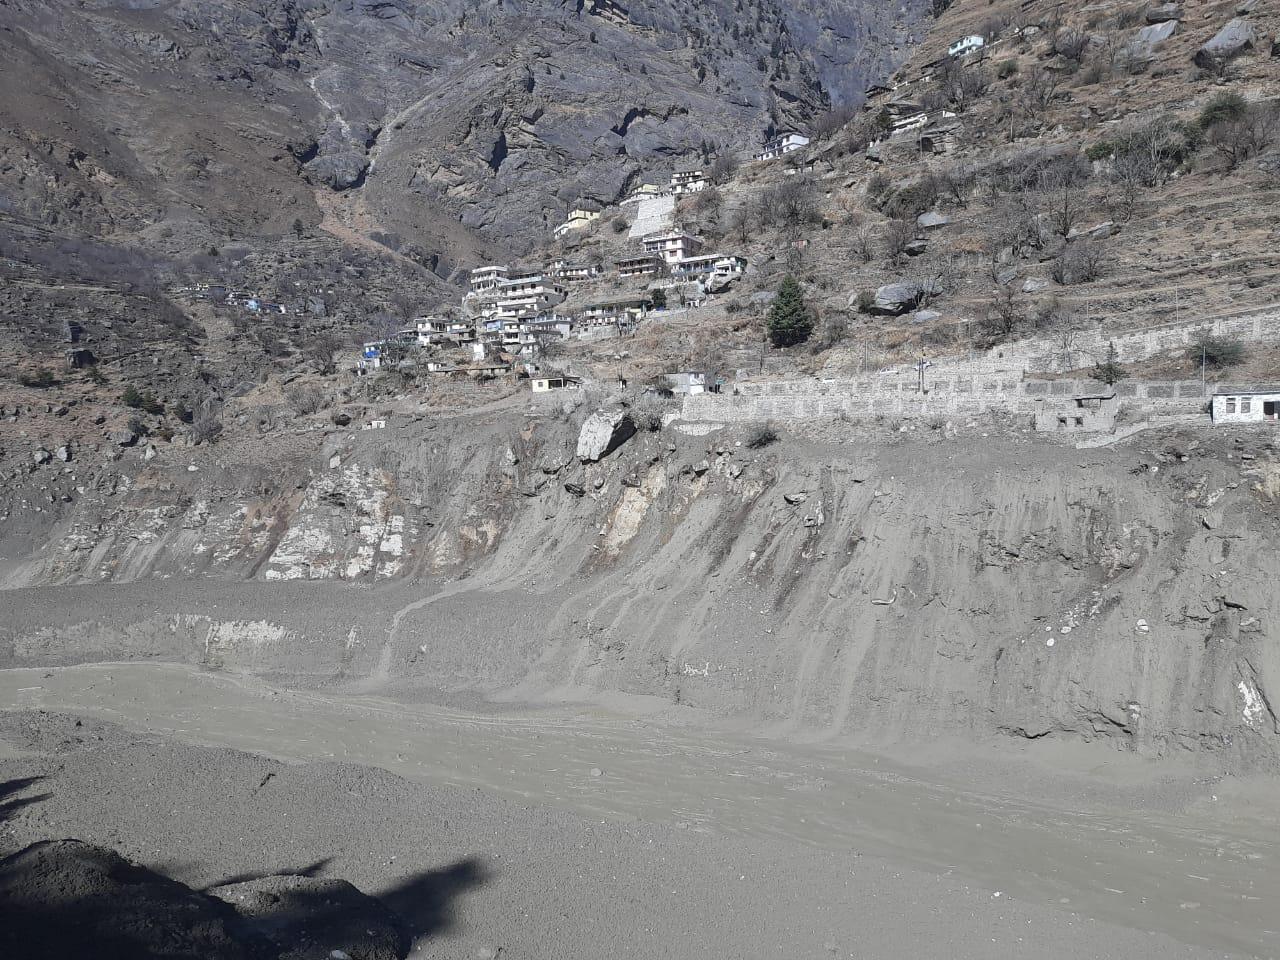 因洪水受損的水電站附近的災害景象。(新華社)